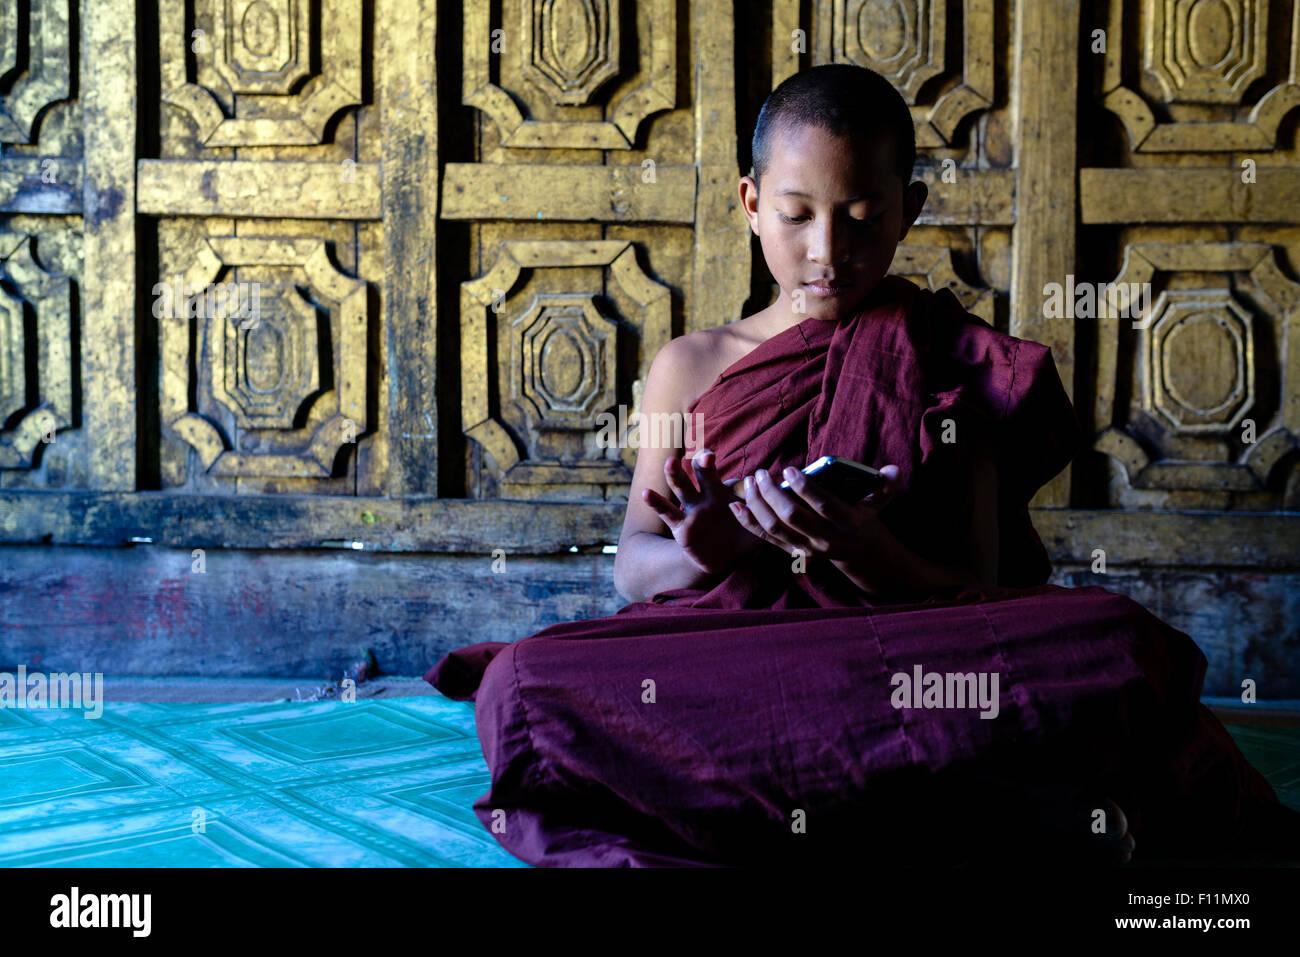 Monje asiático-en-entrenamiento a través de teléfono celular en el templo Imagen De Stock